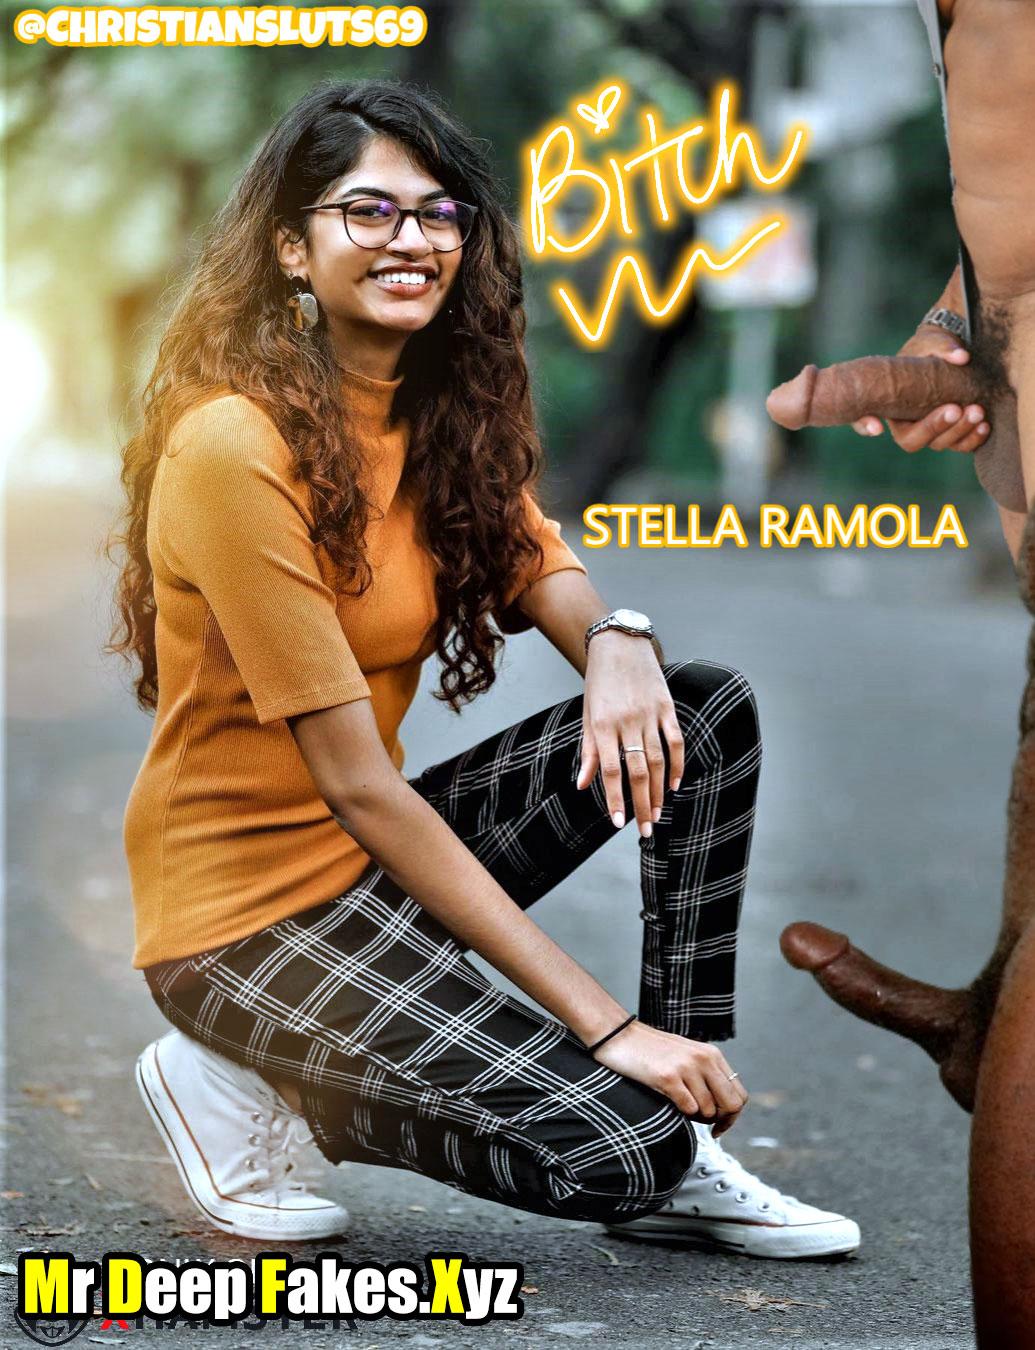 Stella Ramola nude cock public threesome pic